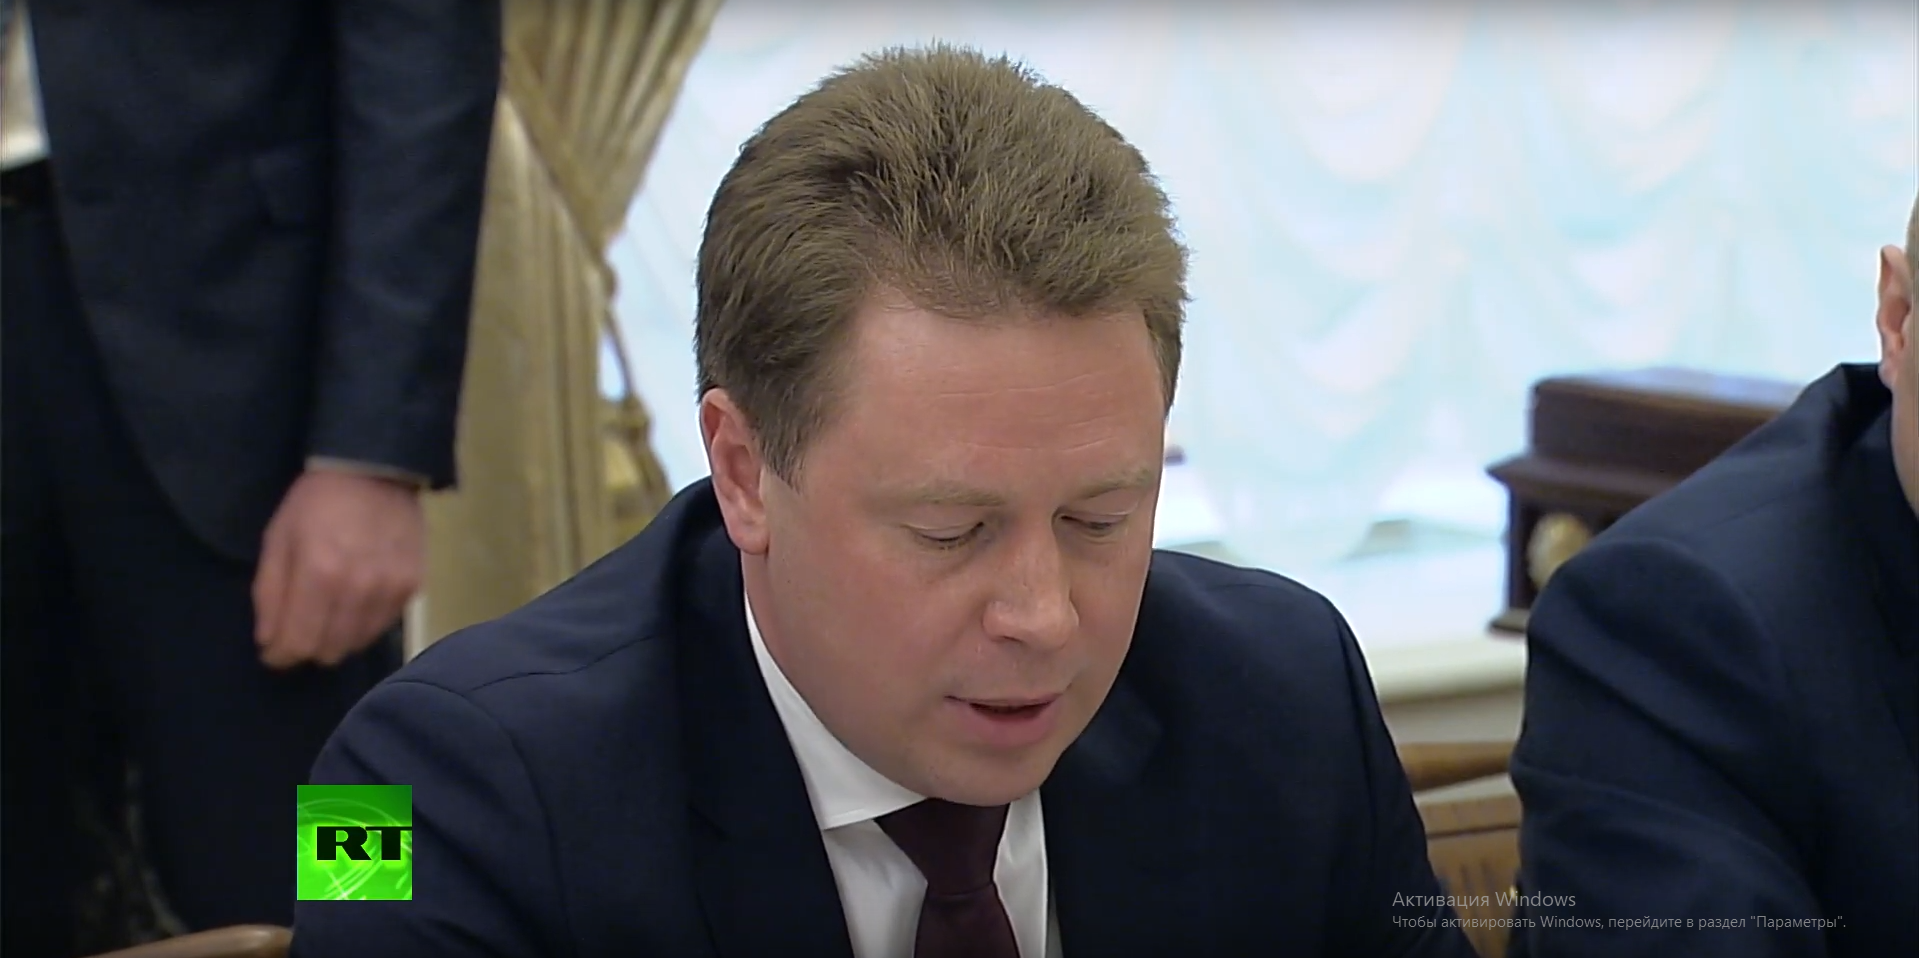 Овсянников отчитался перед Путиным на совещании с членами правительства по результатам развития Севастополя